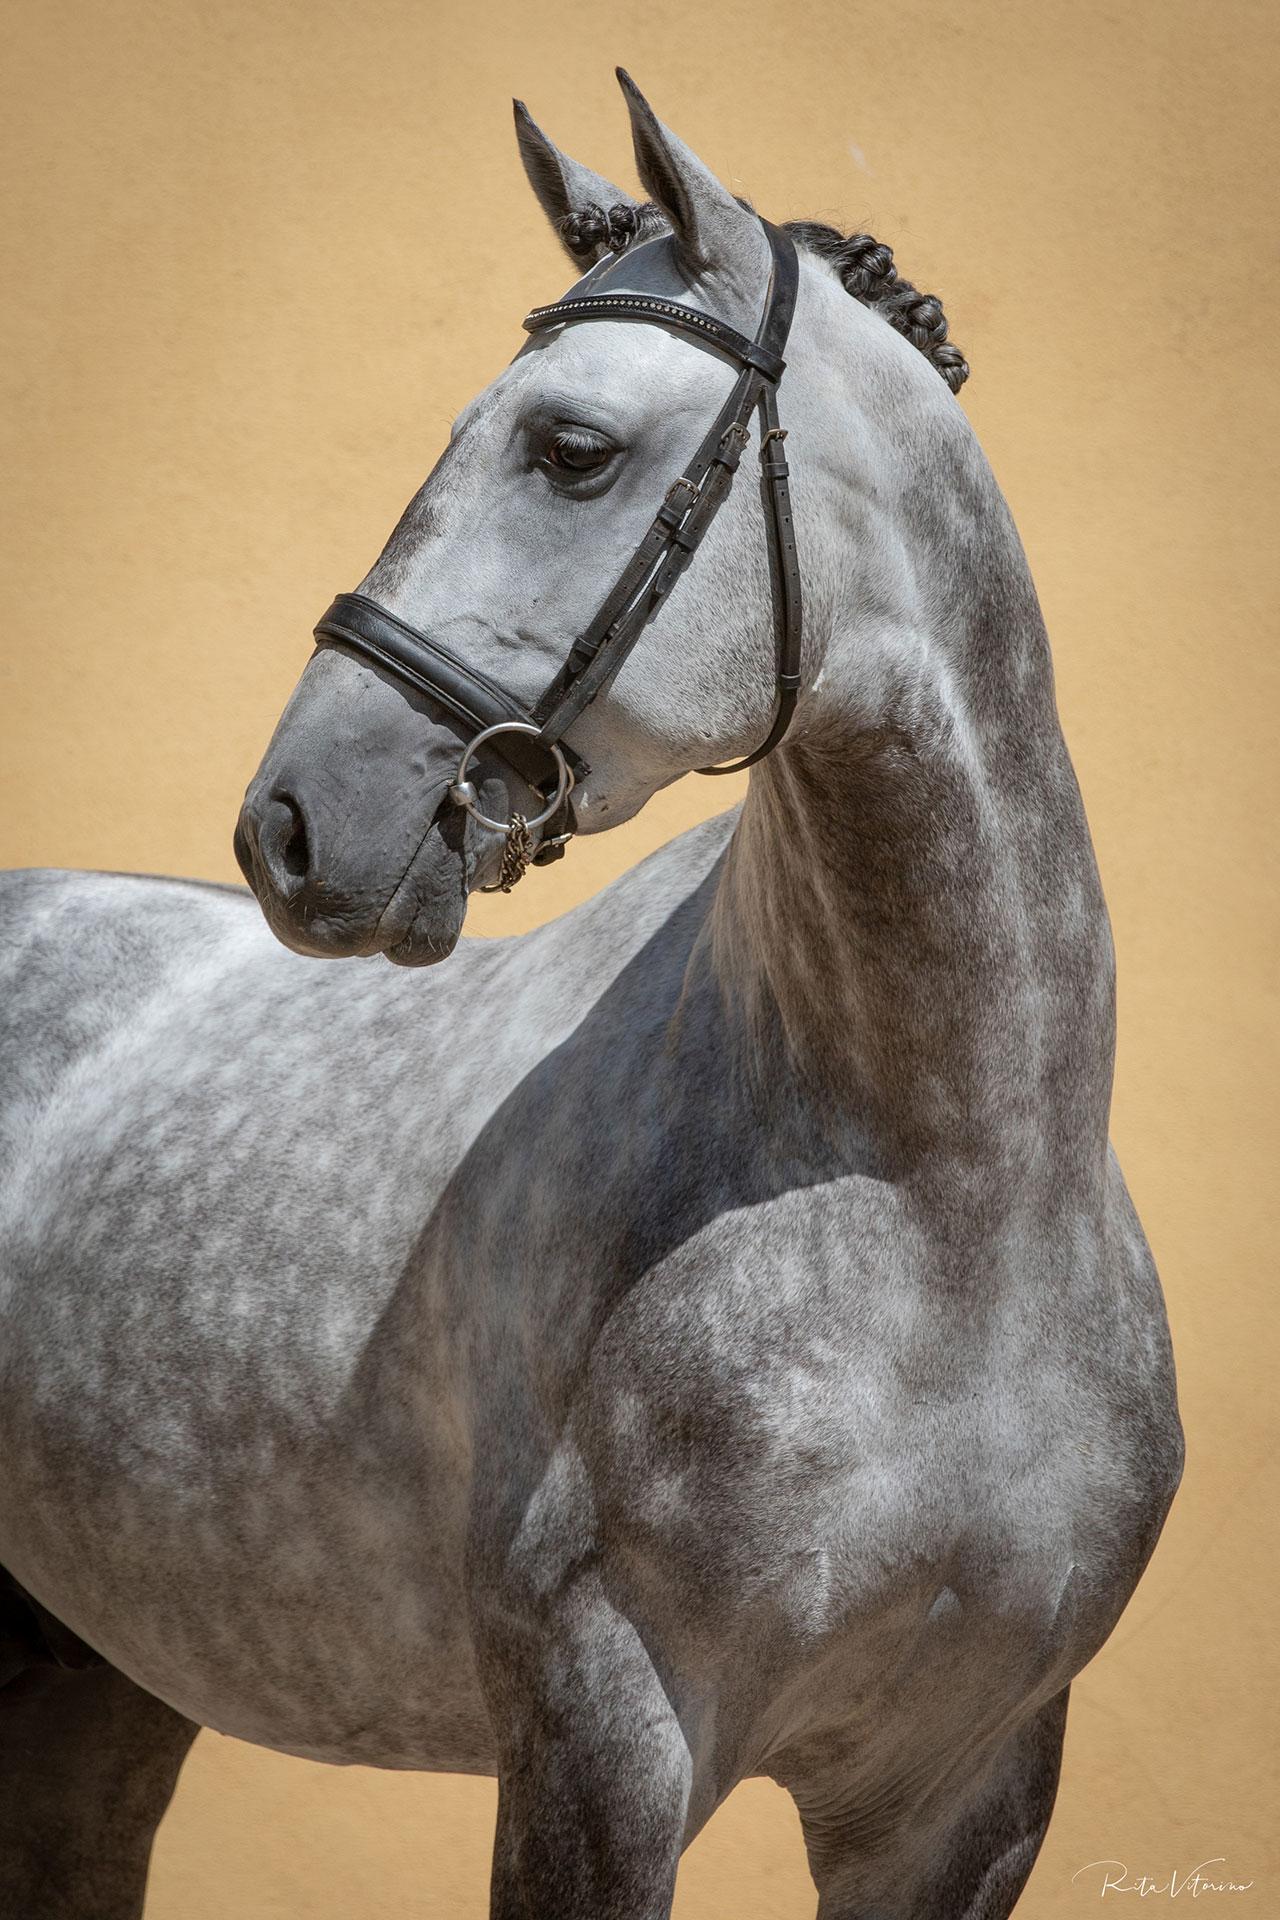 Sublime Lusitano – Golden medal winner